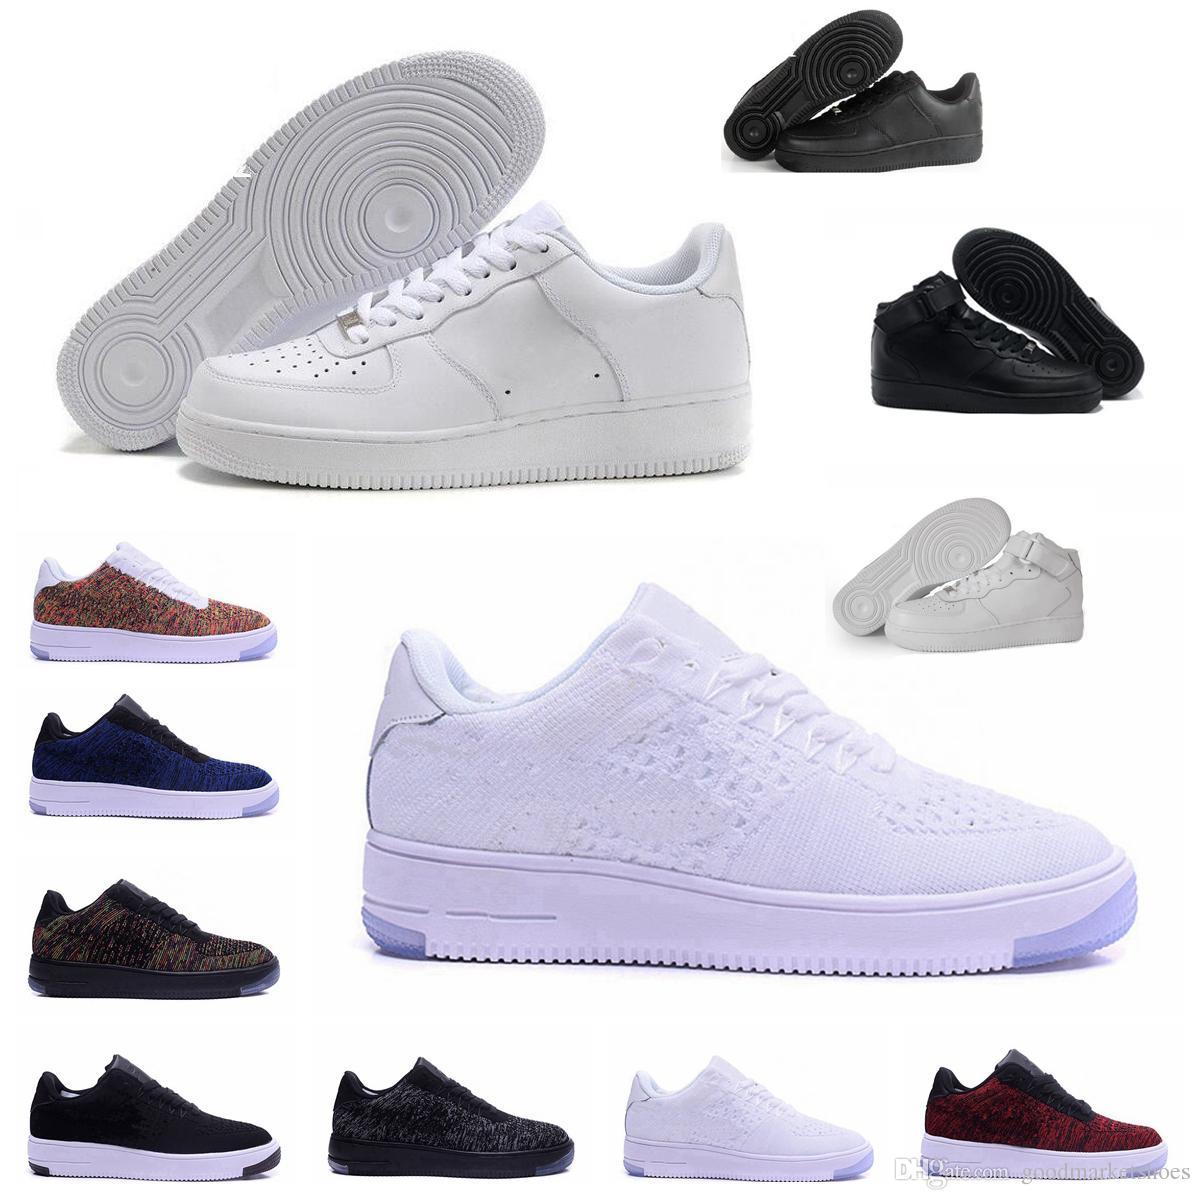 Nike Air Force one 1 Chaussures Classiques MID 07 Un Homme Femmes Chaussures de Course 1 Noir Blanc Sport Baskets Noir Casual Skateboard Trainers